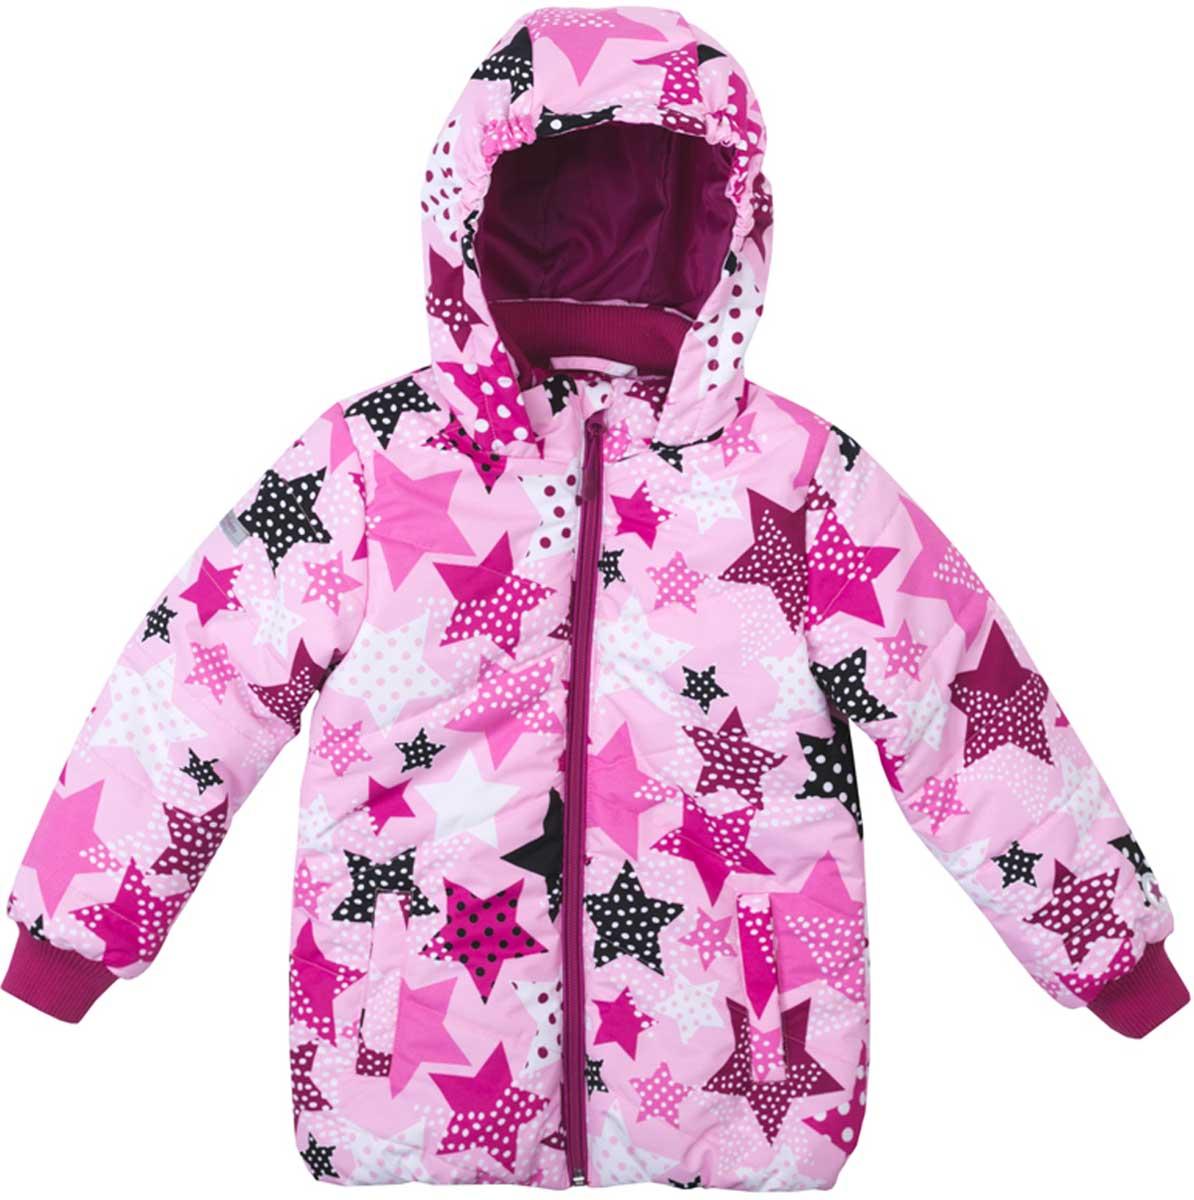 Куртка для девочки PlayToday, цвет: светло-розовый, розовый, белый, черный. 172051. Размер 122172051Яркая стильная утепленная куртка со специальной водоотталкивающей пропиткой защитит вашего ребенка в любую погоду! Мягкие трикотажные резинки на рукавах защитят вашего ребенка - ветер не сможет проникнуть под куртку. Специальный карман для фиксации застежки-молнии не позволит застежке травмировать нежную детскую кожу. За счет мягких резинок, капюшон не упадет с головы даже во время активных игр. Светоотражатели на рукаве и по низу изделия позволят видеть вашего ребенка даже в темное время суток.